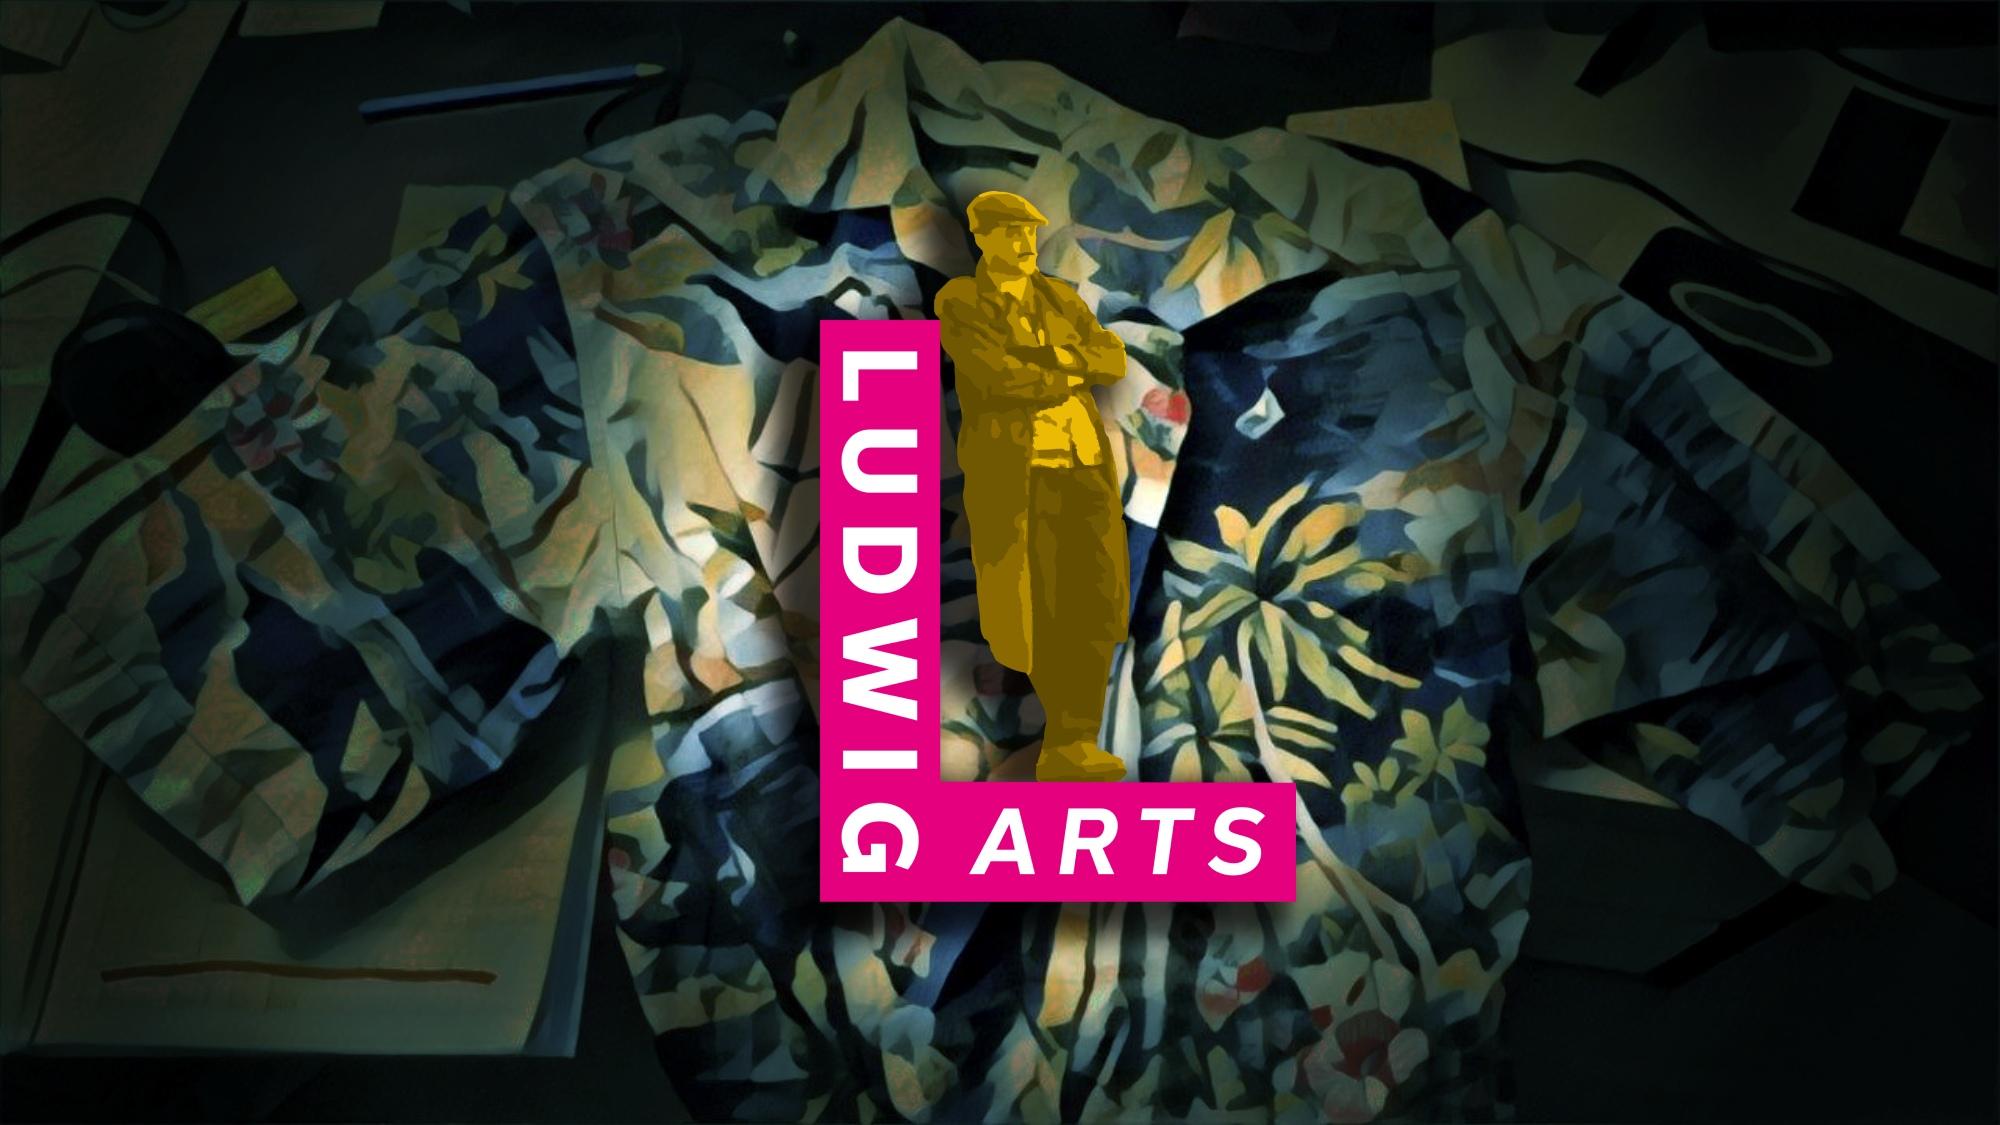 Ludwig Arts